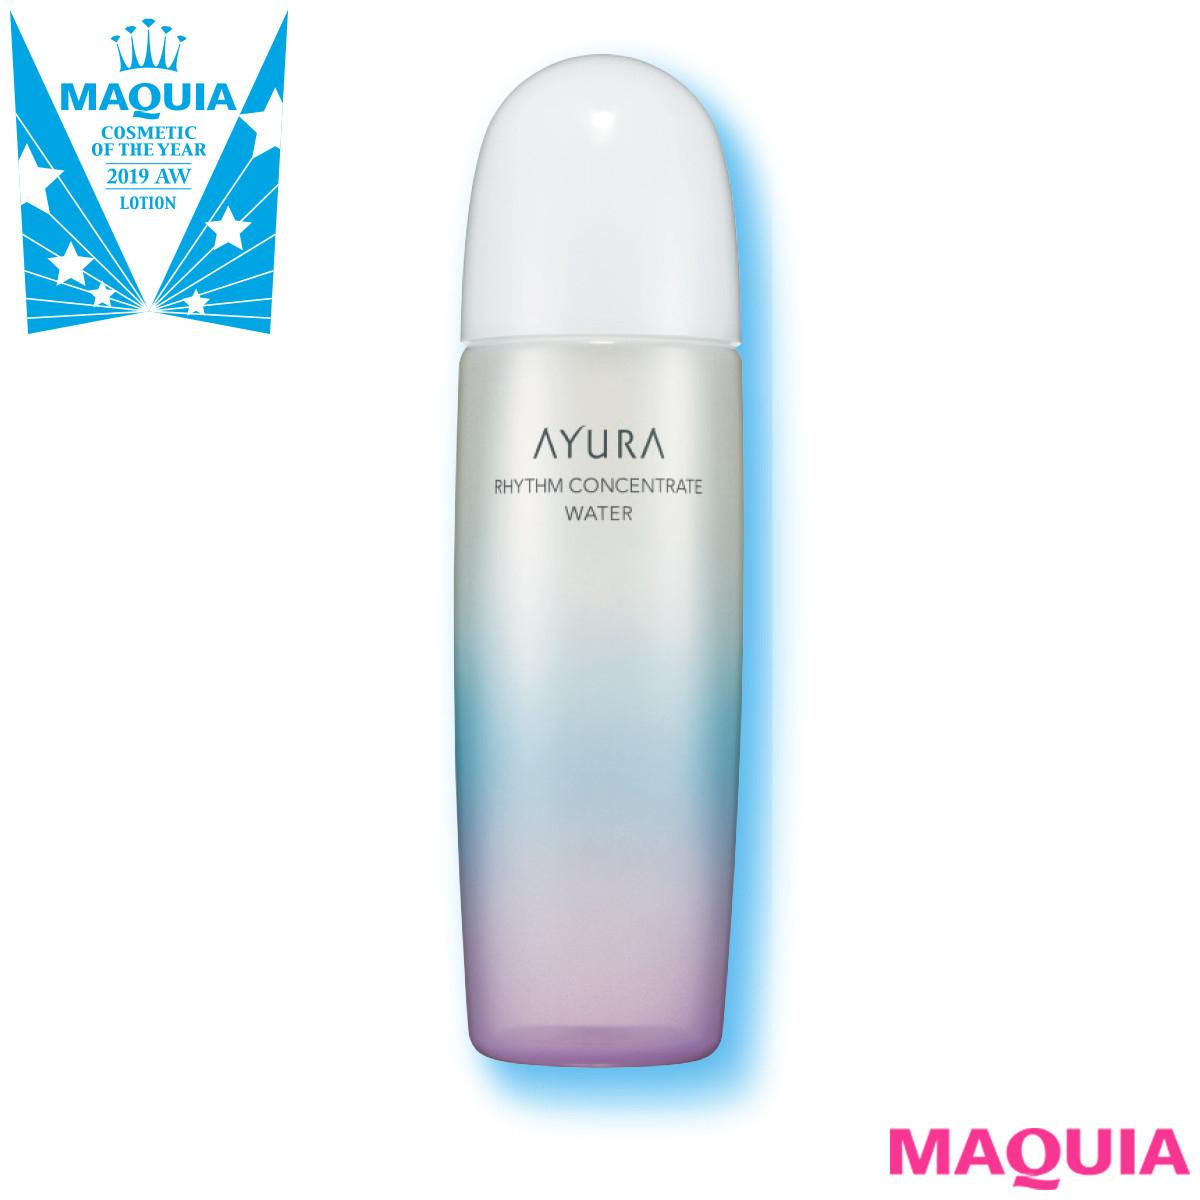 自分史上最高に明るい肌に! アユーラのベスコス受賞化粧水で30日間美肌チャレンジ